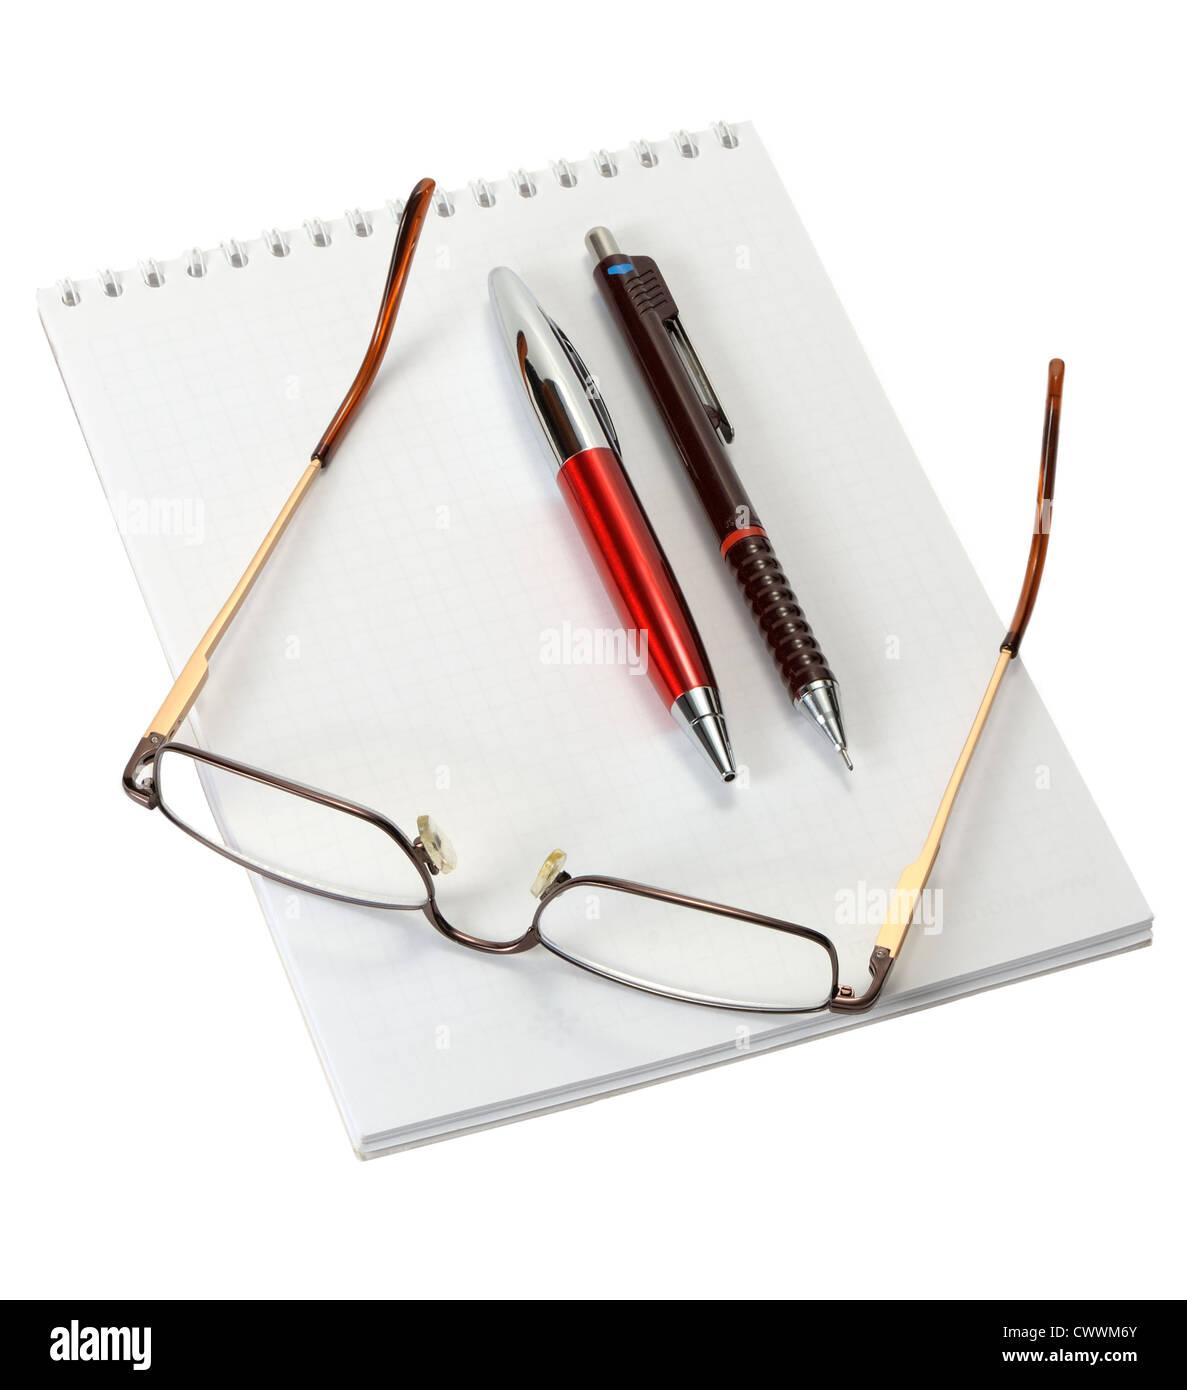 Öffnen Sie ein leeres Arbeitsblatt Notizbuch, Kugelschreiber ...